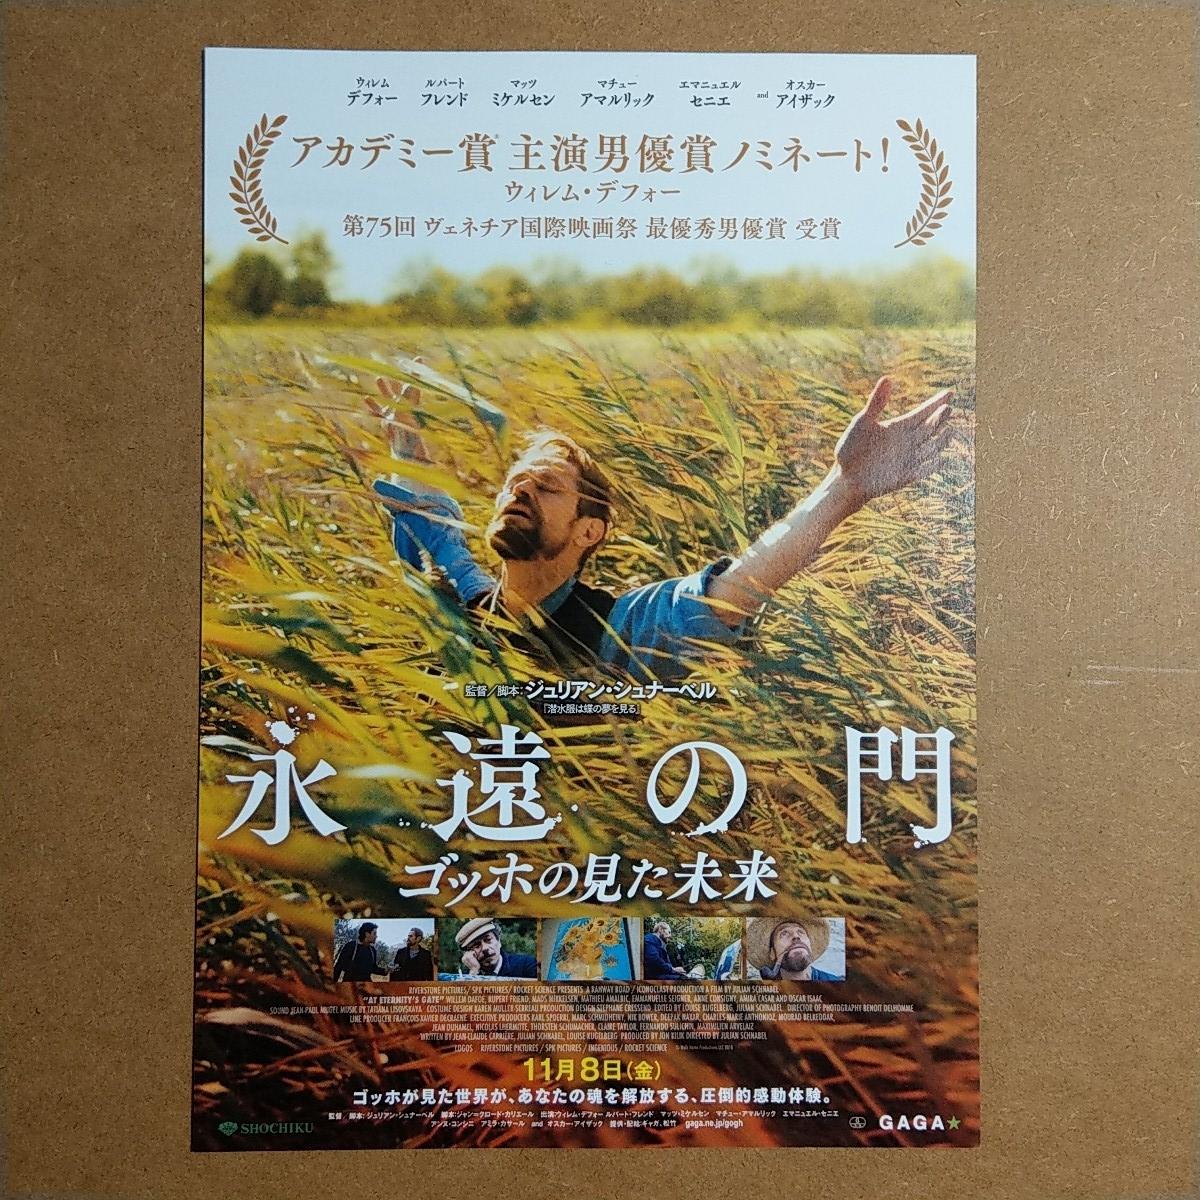 映画チラシ 【永遠の門 ゴッホの見た未来】B5 洋画_画像1